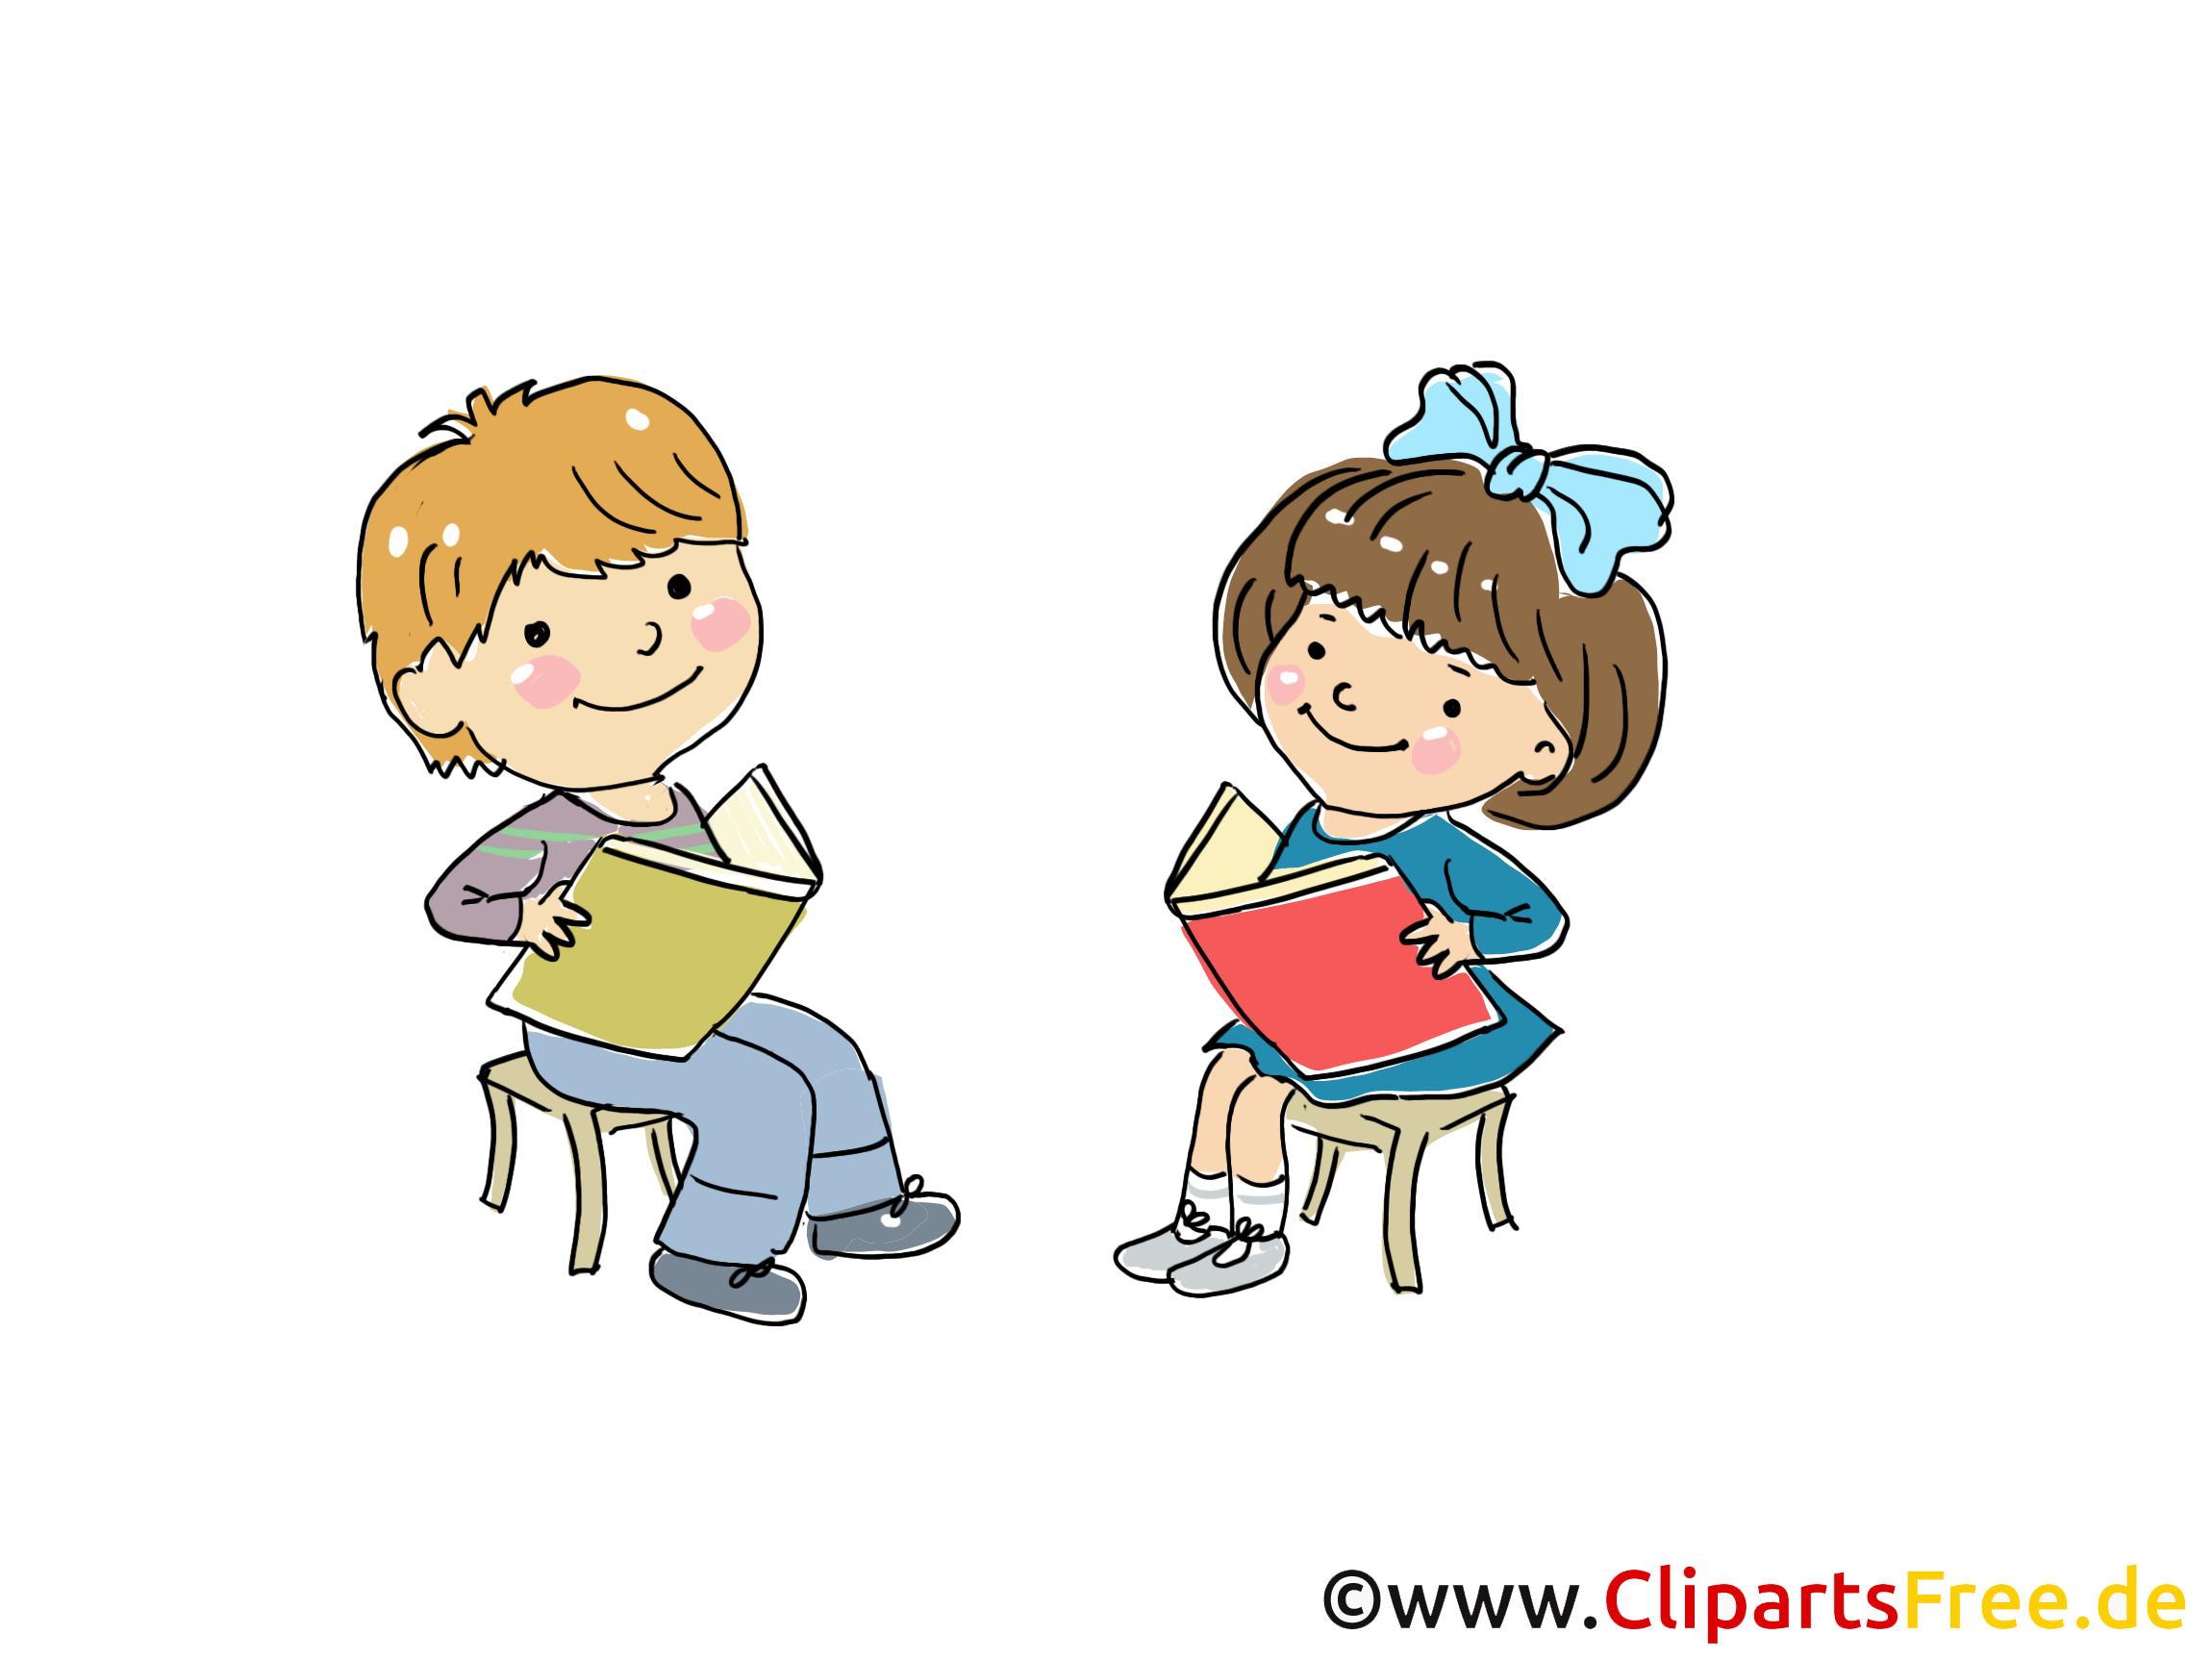 Lire Illustration Gratuite Maternelle Clipart Pepiniere Ecole Maternelle Dessin Picture Image Graphic Clip Art Telecharger Gratuit